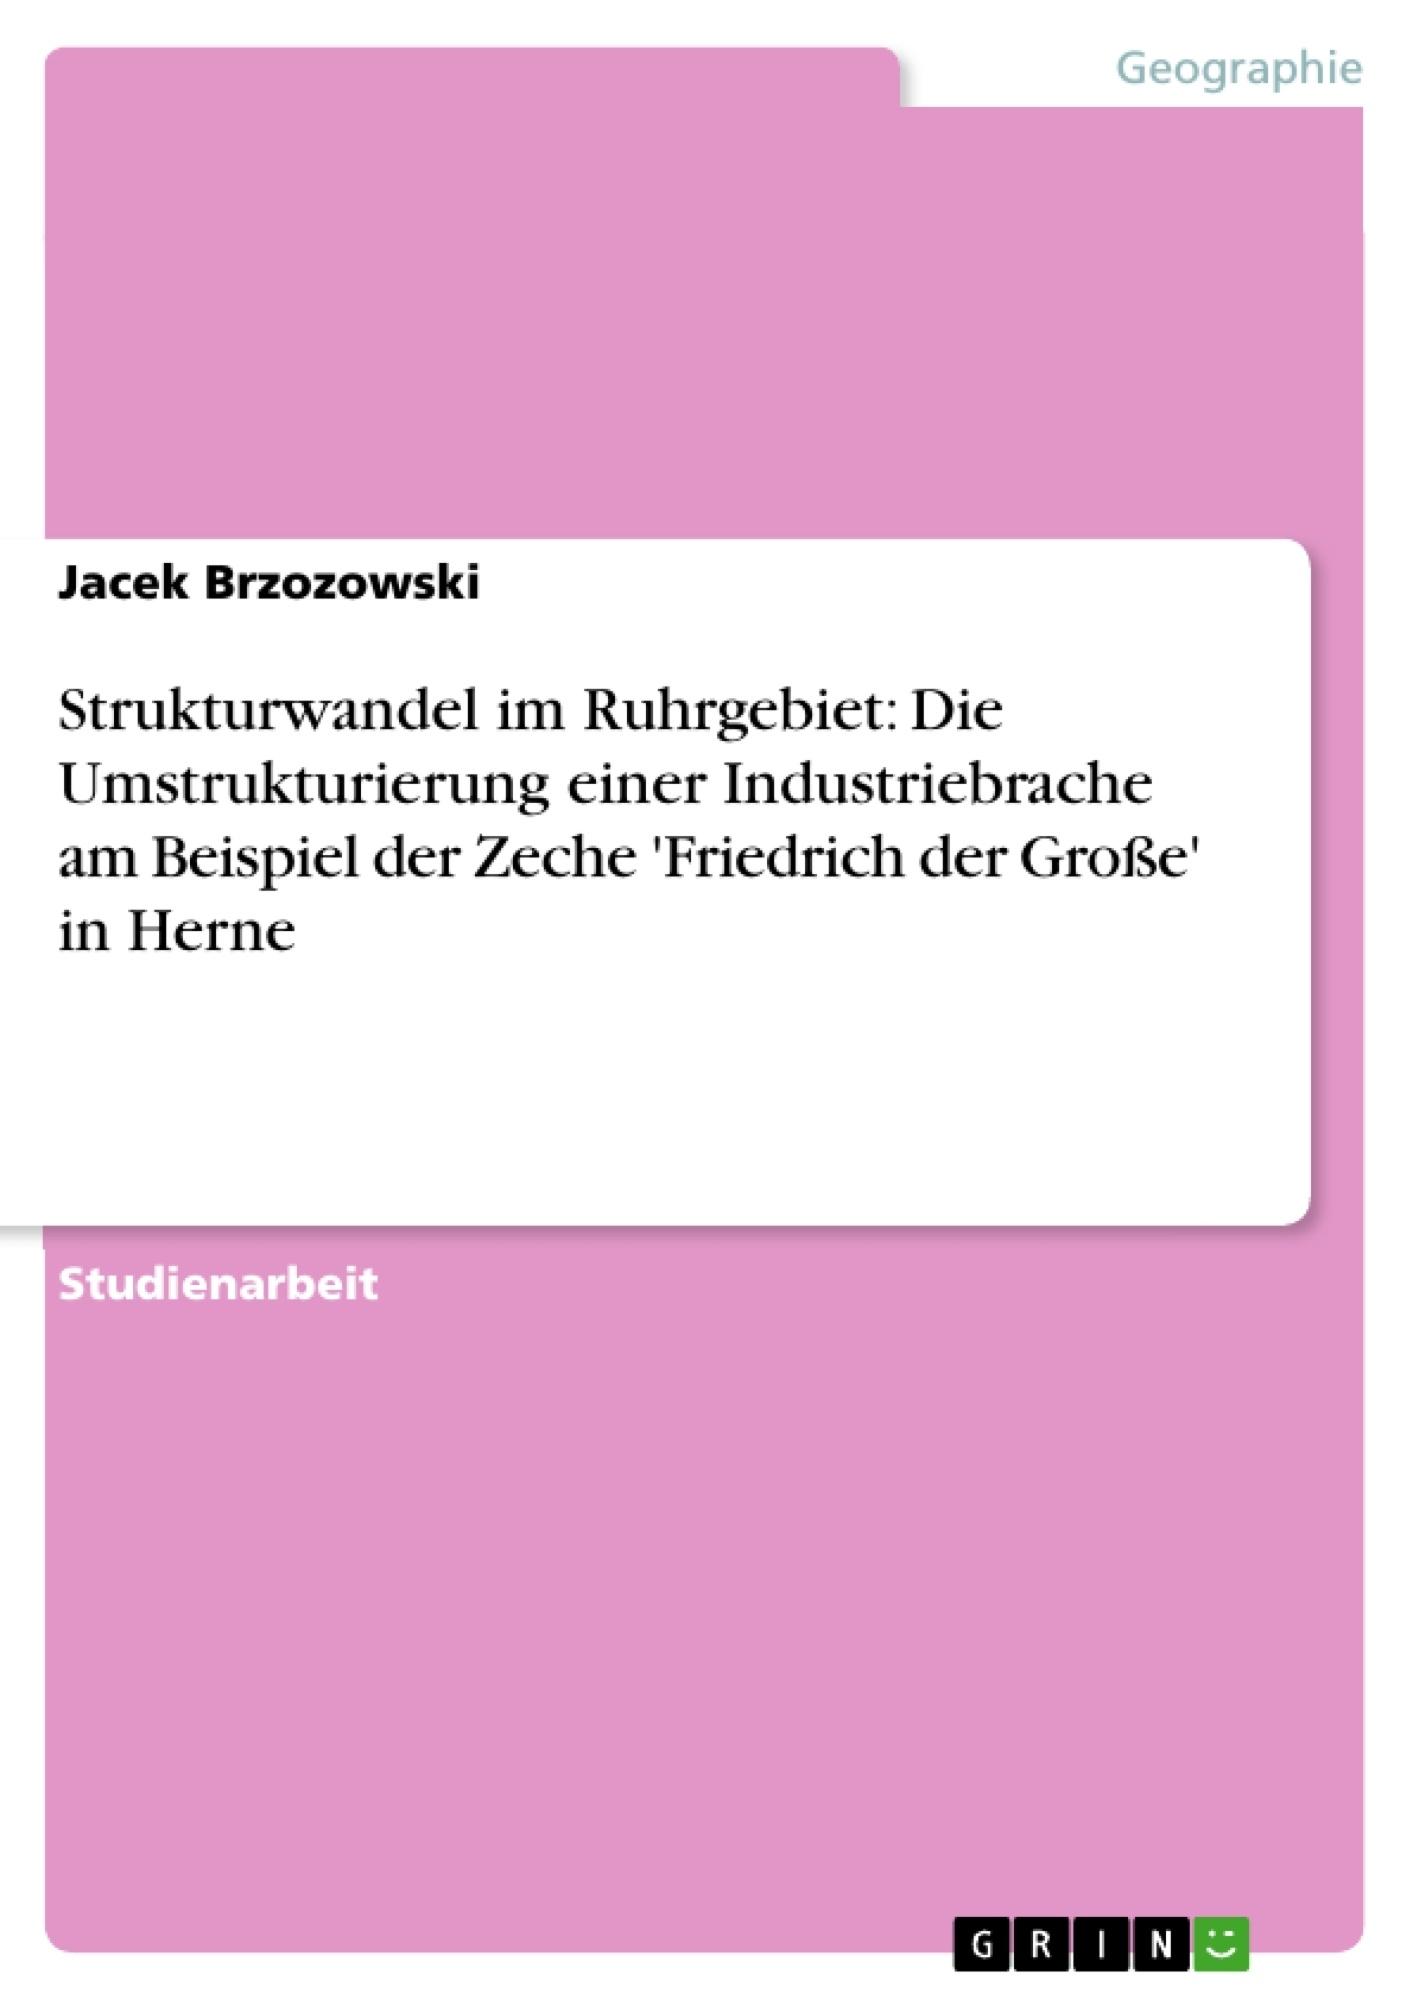 Titel: Strukturwandel im Ruhrgebiet: Die Umstrukturierung einer Industriebrache am Beispiel der Zeche 'Friedrich der Große' in Herne